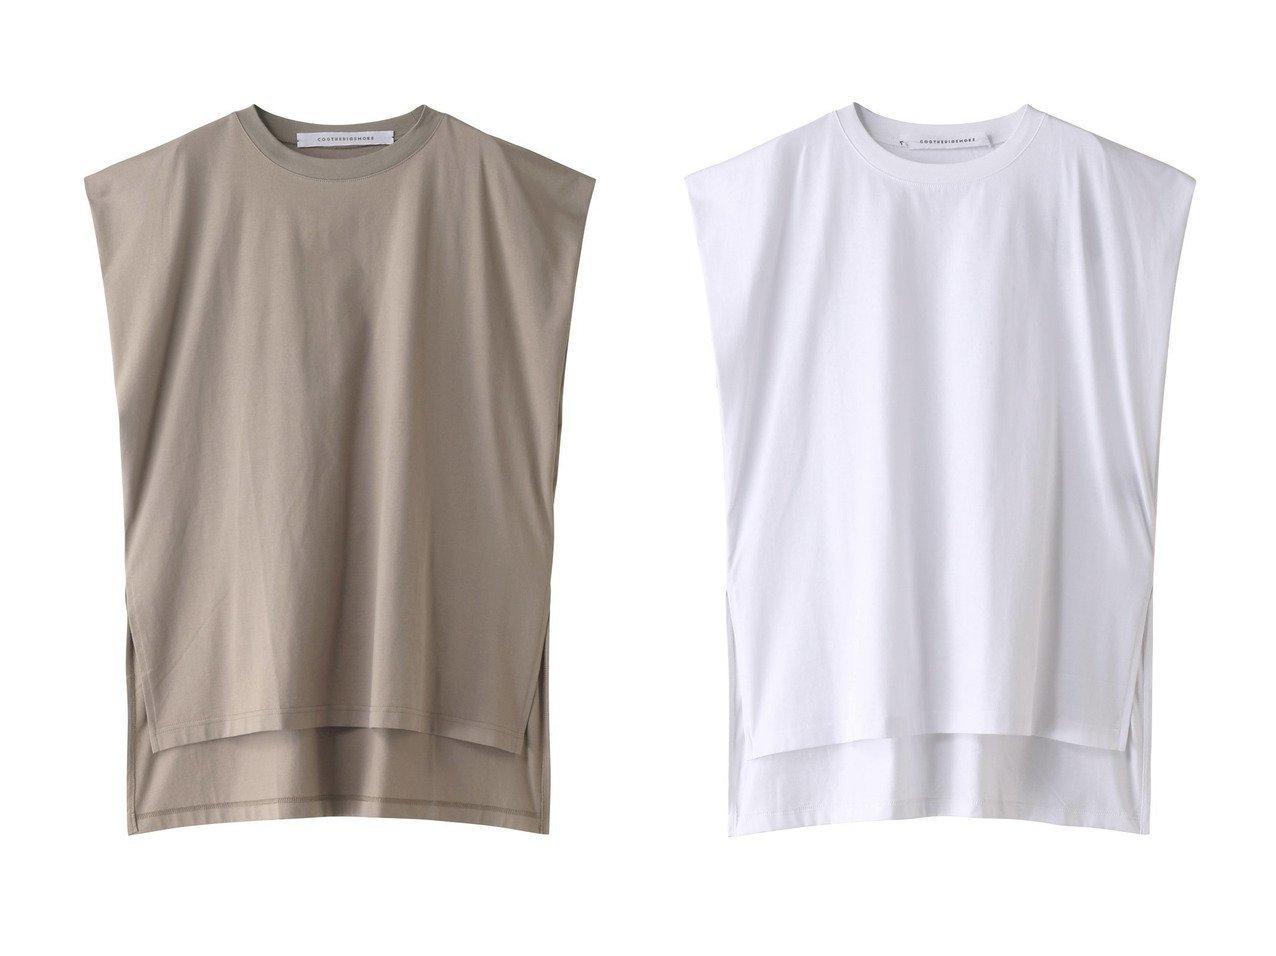 【martinique/マルティニーク】の【COGTHEBIGSMOKE】TUCK-IN Tシャツ 【トップス・カットソー】おすすめ!人気トレンド・レディースファッションの通販  おすすめで人気の流行・トレンド、ファッションの通販商品 メンズファッション・キッズファッション・インテリア・家具・レディースファッション・服の通販 founy(ファニー) https://founy.com/ ファッション Fashion レディースファッション WOMEN トップス・カットソー Tops/Tshirt シャツ/ブラウス Shirts/Blouses ロング / Tシャツ T-Shirts カットソー Cut and Sewn ショート シンプル スリット スリーブ ビッグ ベーシック |ID:crp329100000029754